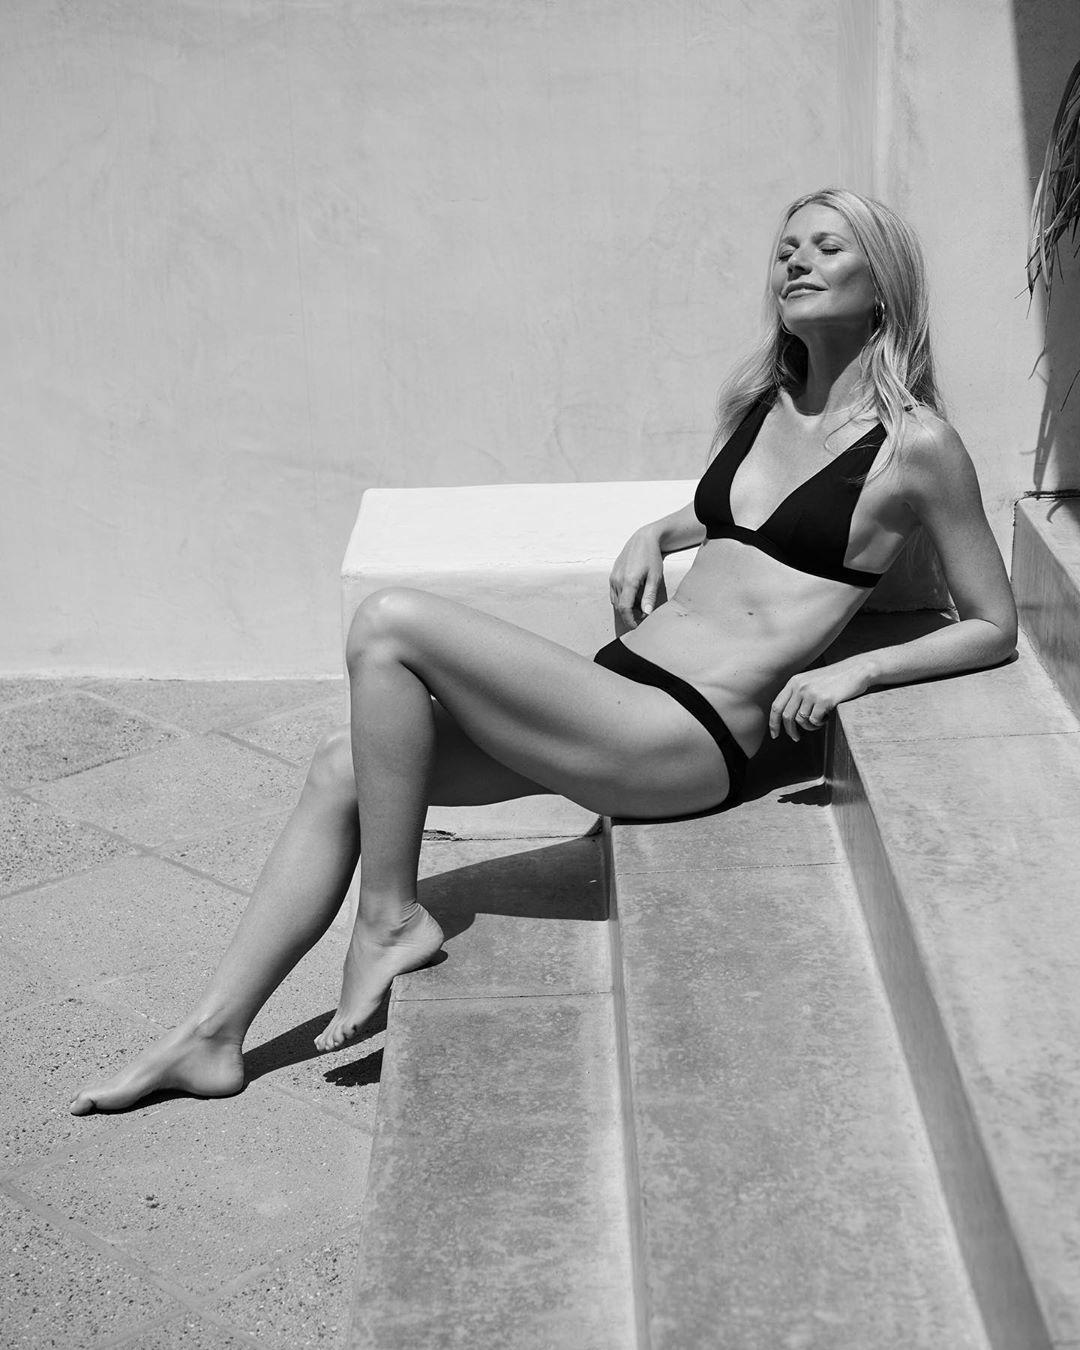 Гвинет Пэлтроу снялась топлес для модного журнала (11 фото)